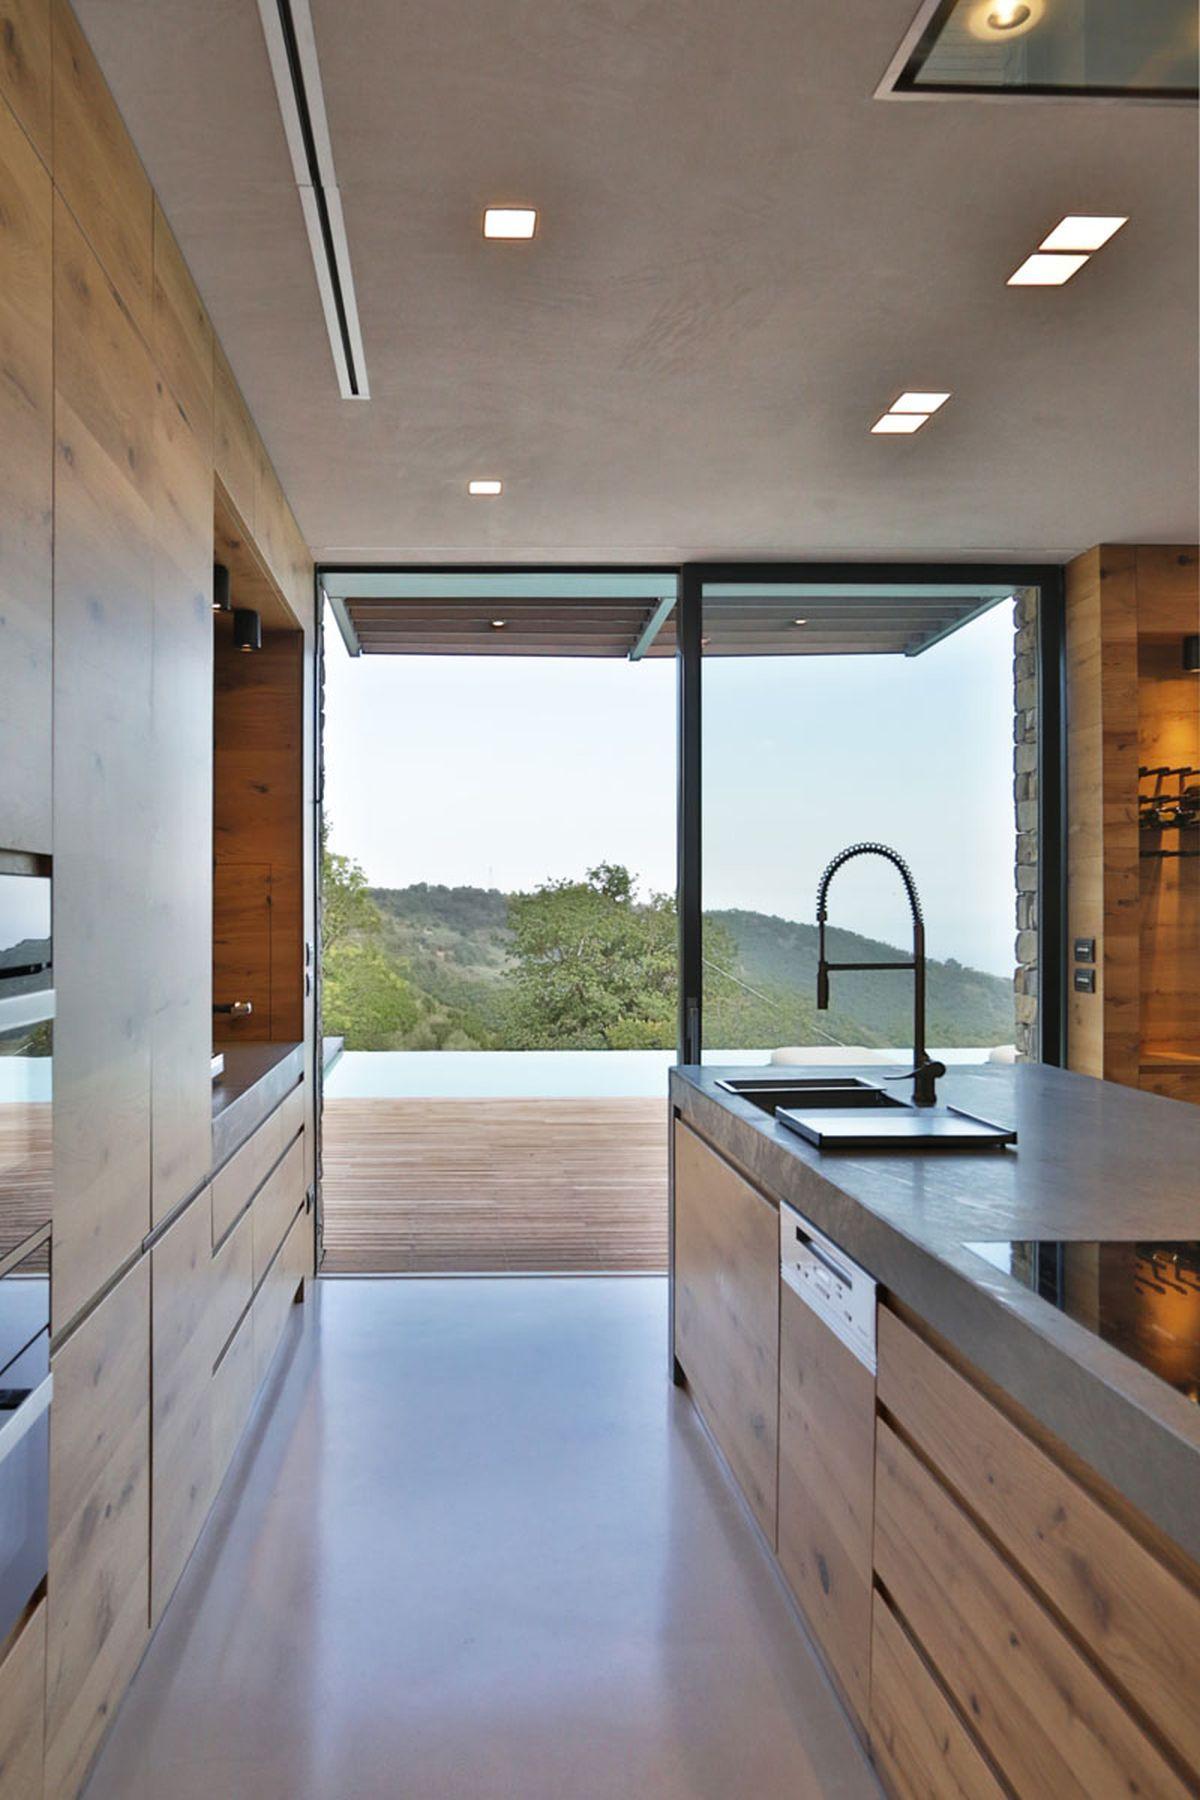 Hillside villa in Liguria interior kitchen access to terrace